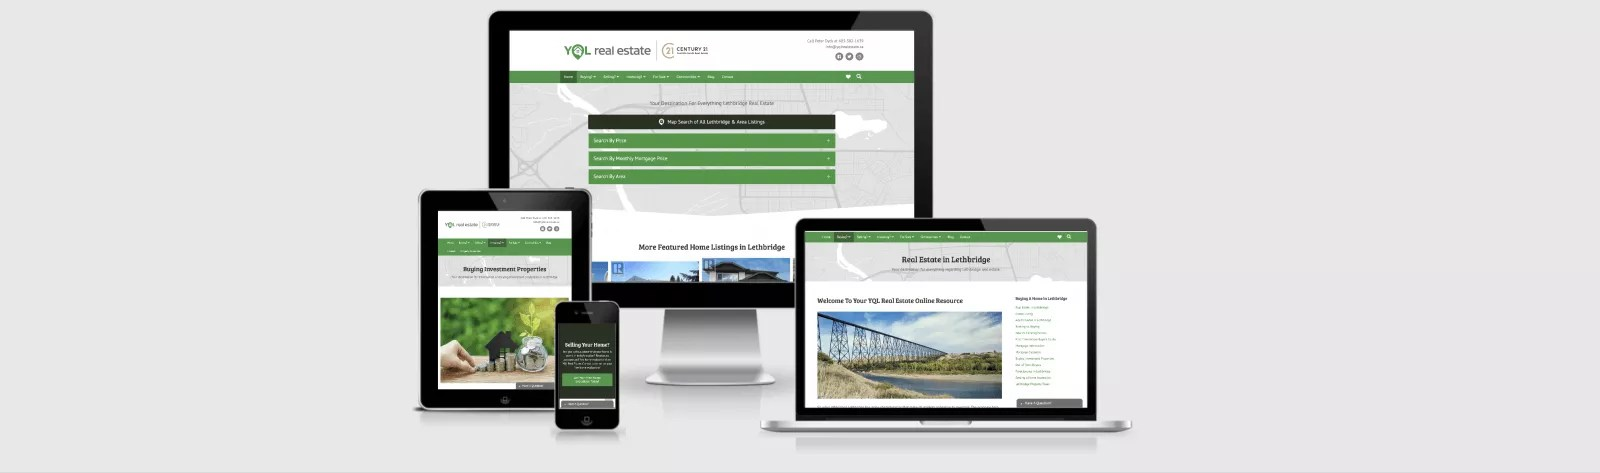 Website Design Mockup for YQL